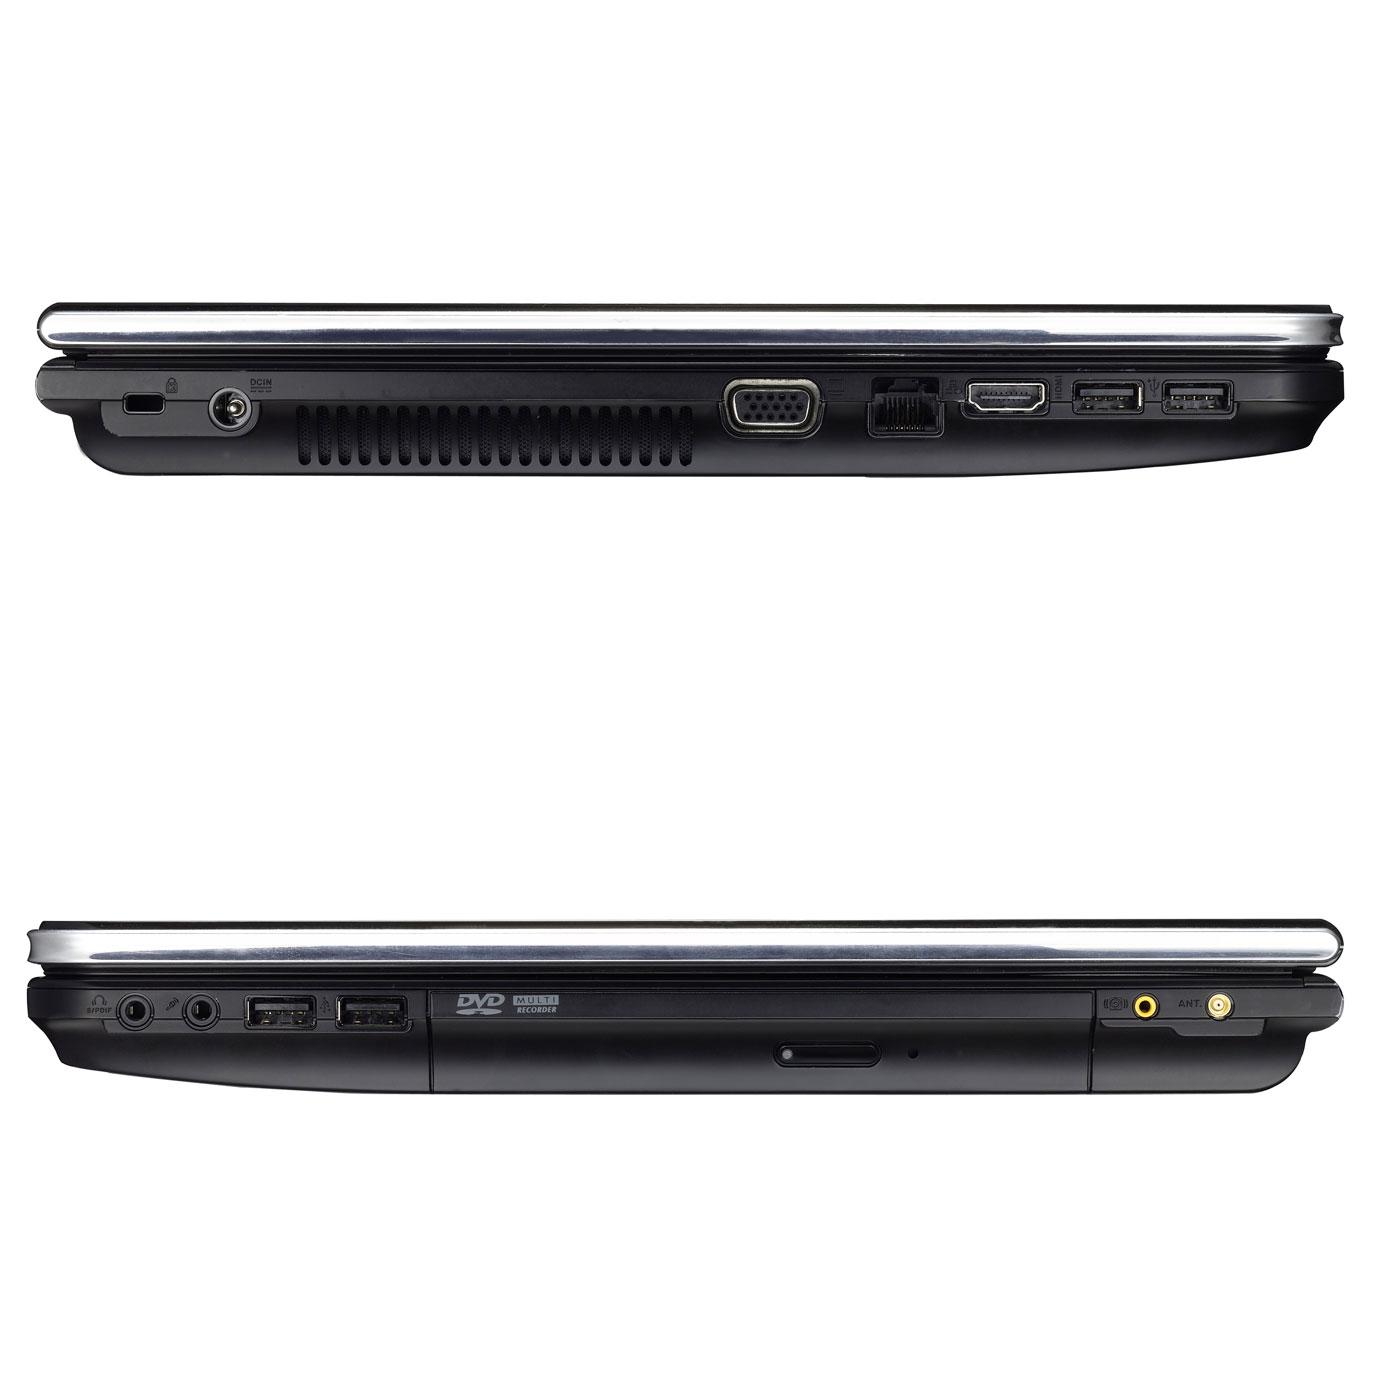 """PC portable ASUS N55SF-S1067V Intel Core i7-2630QM 6 Go 750 Go 15.6"""" LED NVIDIA GeForce GT 555M Combo Lecteur Blu-ray/Graveur DVD Wi-Fi N/Bluetooth Webcam Windows 7 Premium 64 bits (garantie constructeur 2 ans)"""